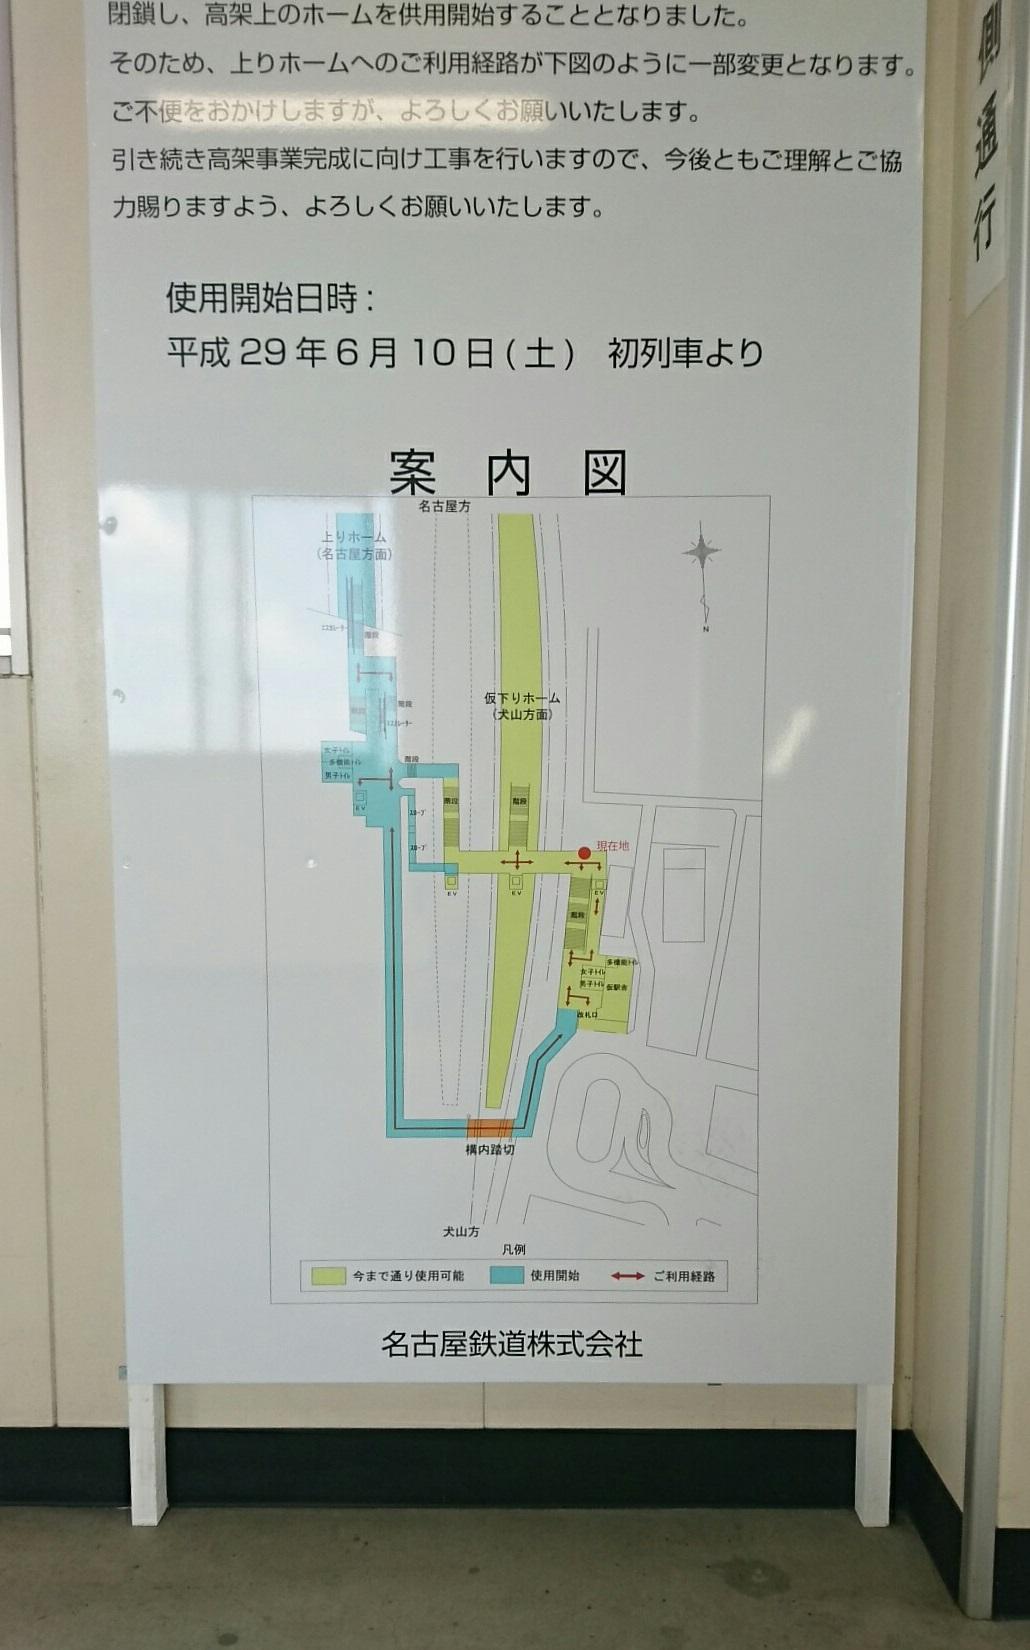 2017.7.19 布袋 (65) 布袋=構内案内図 1030-1650